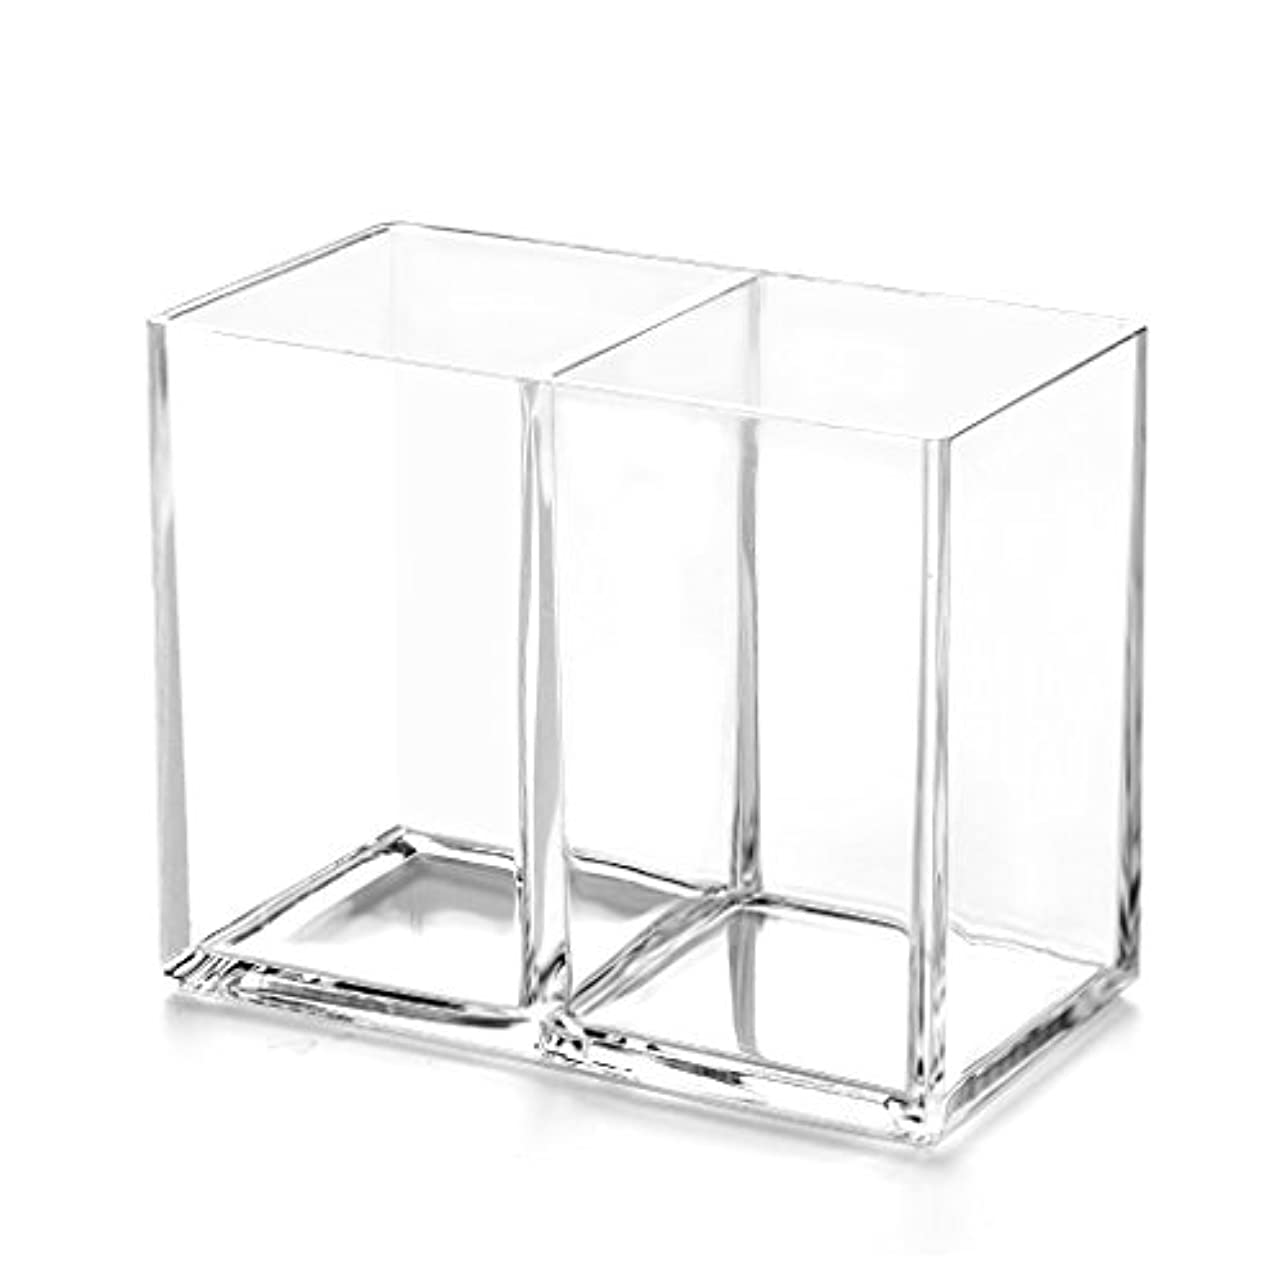 プレート不明瞭不名誉RiLiKu アクリルメイクブラシ収納ボックス 2段透明ペン立て 卓上文房具収納ボックス